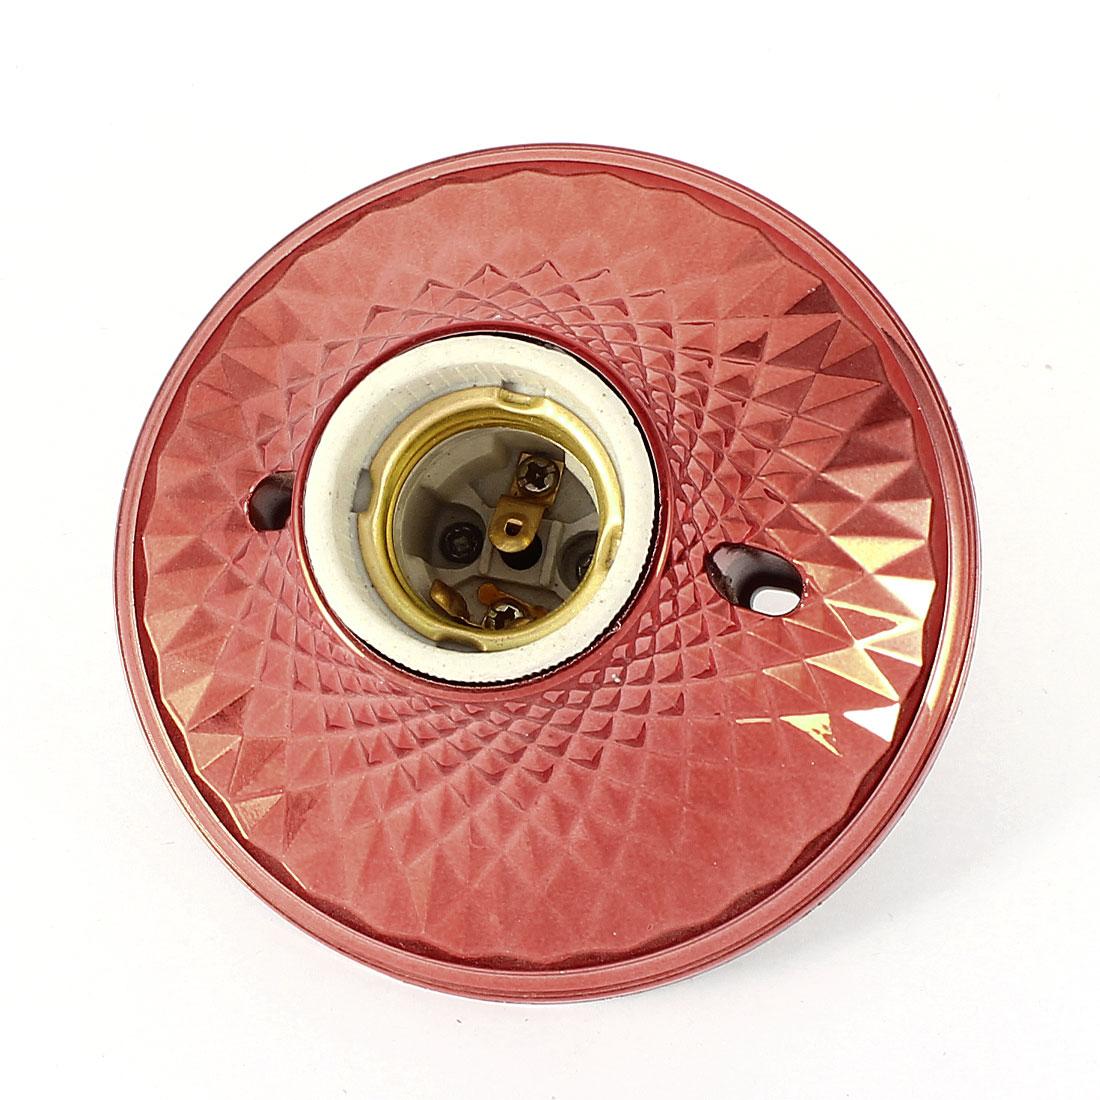 AC 250V 4A 11cm Dia Orange Red Plastic Housing E27 Screw Base Lamp Light Holder